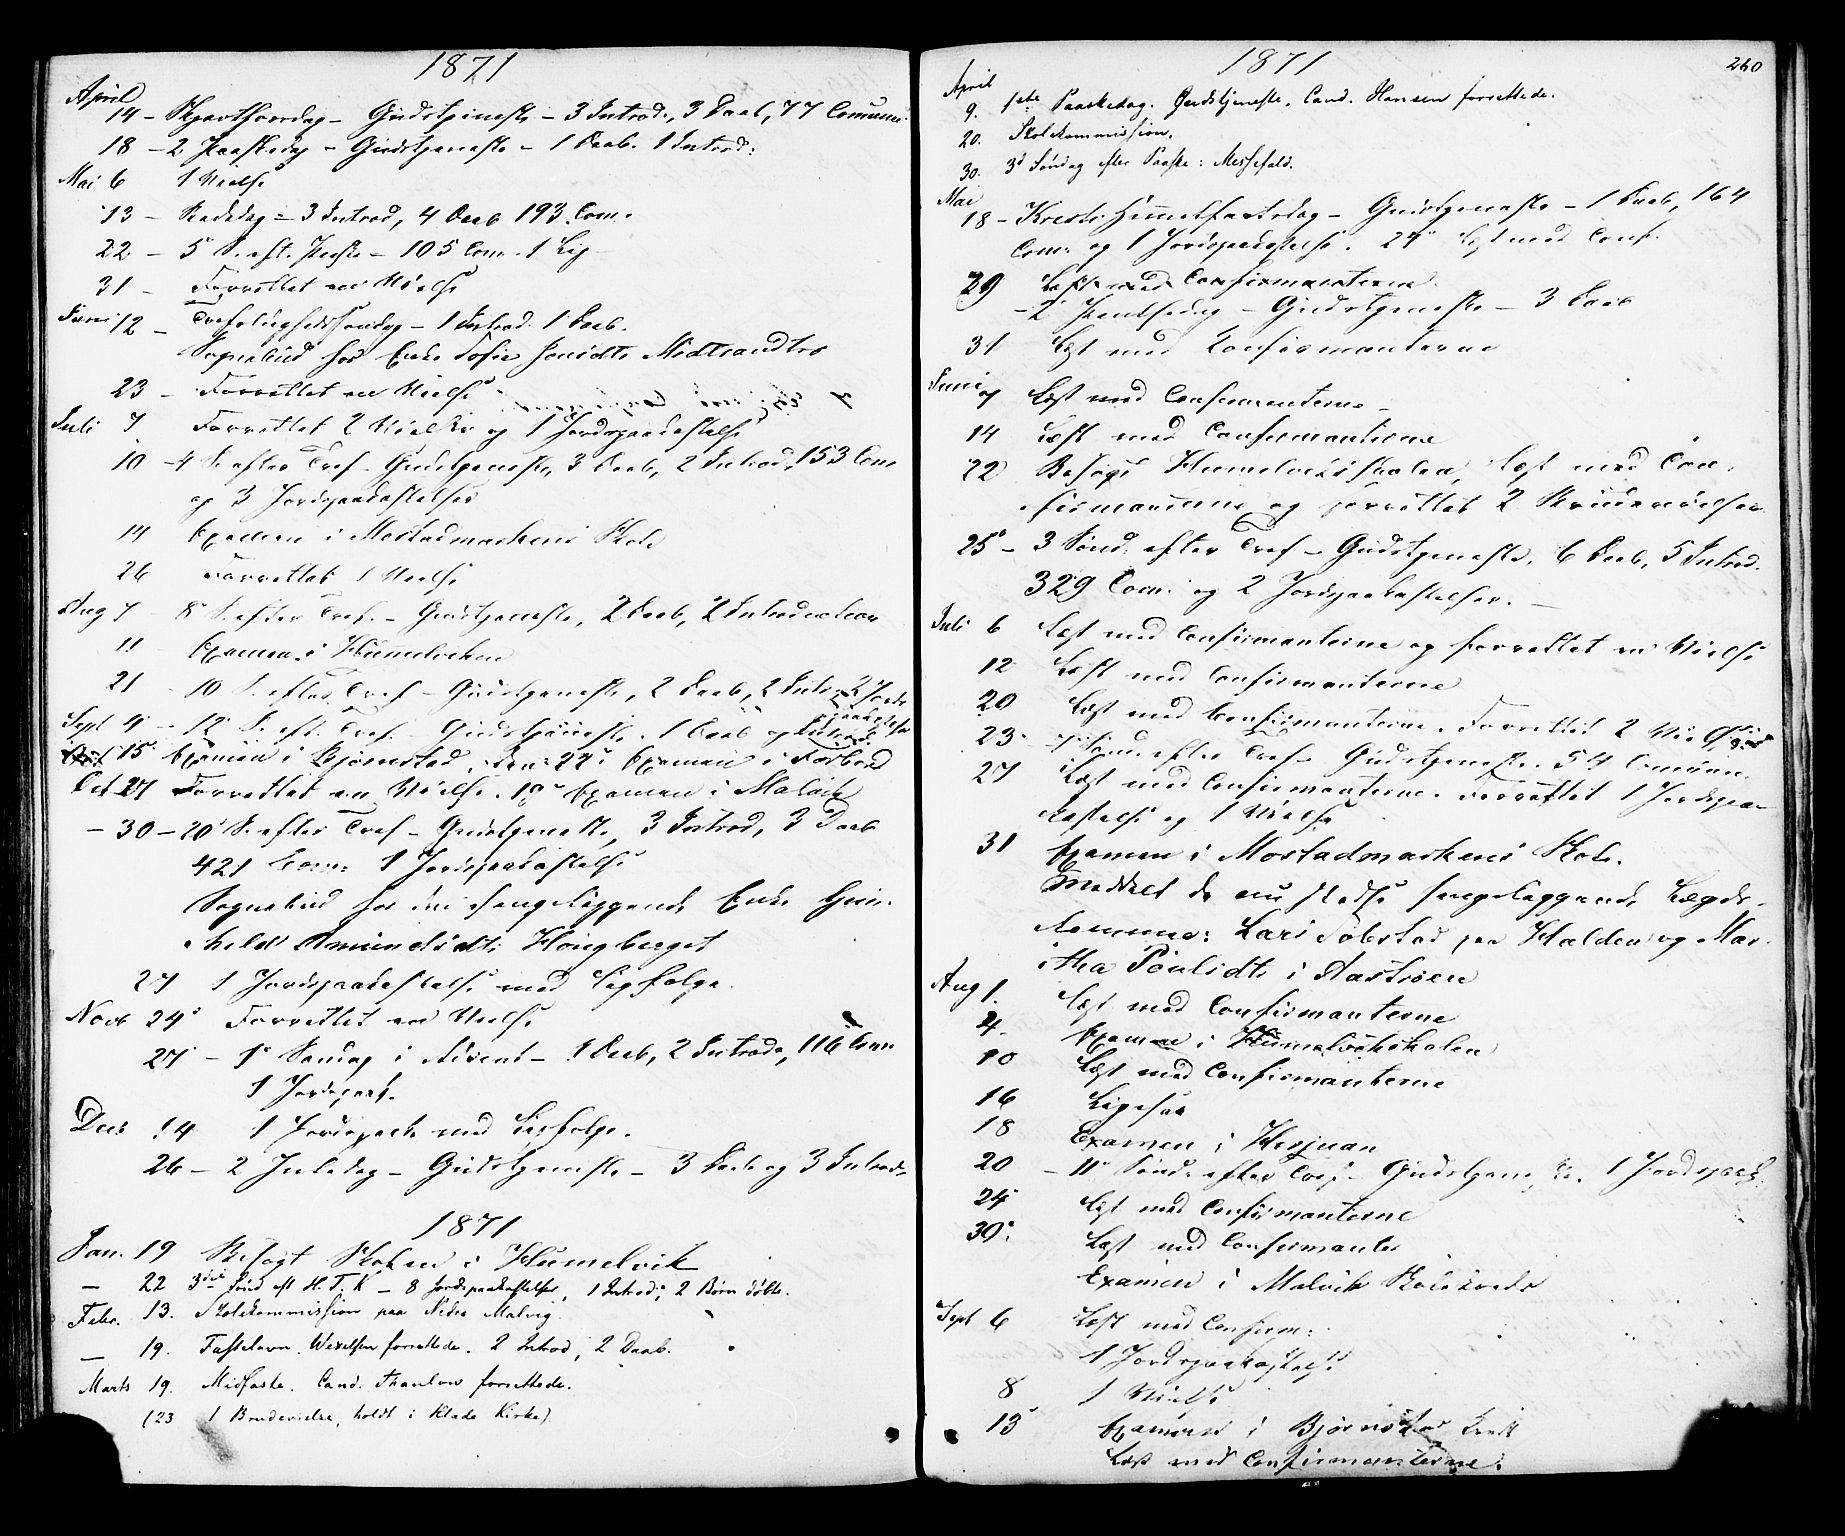 SAT, Ministerialprotokoller, klokkerbøker og fødselsregistre - Sør-Trøndelag, 616/L0409: Ministerialbok nr. 616A06, 1865-1877, s. 260